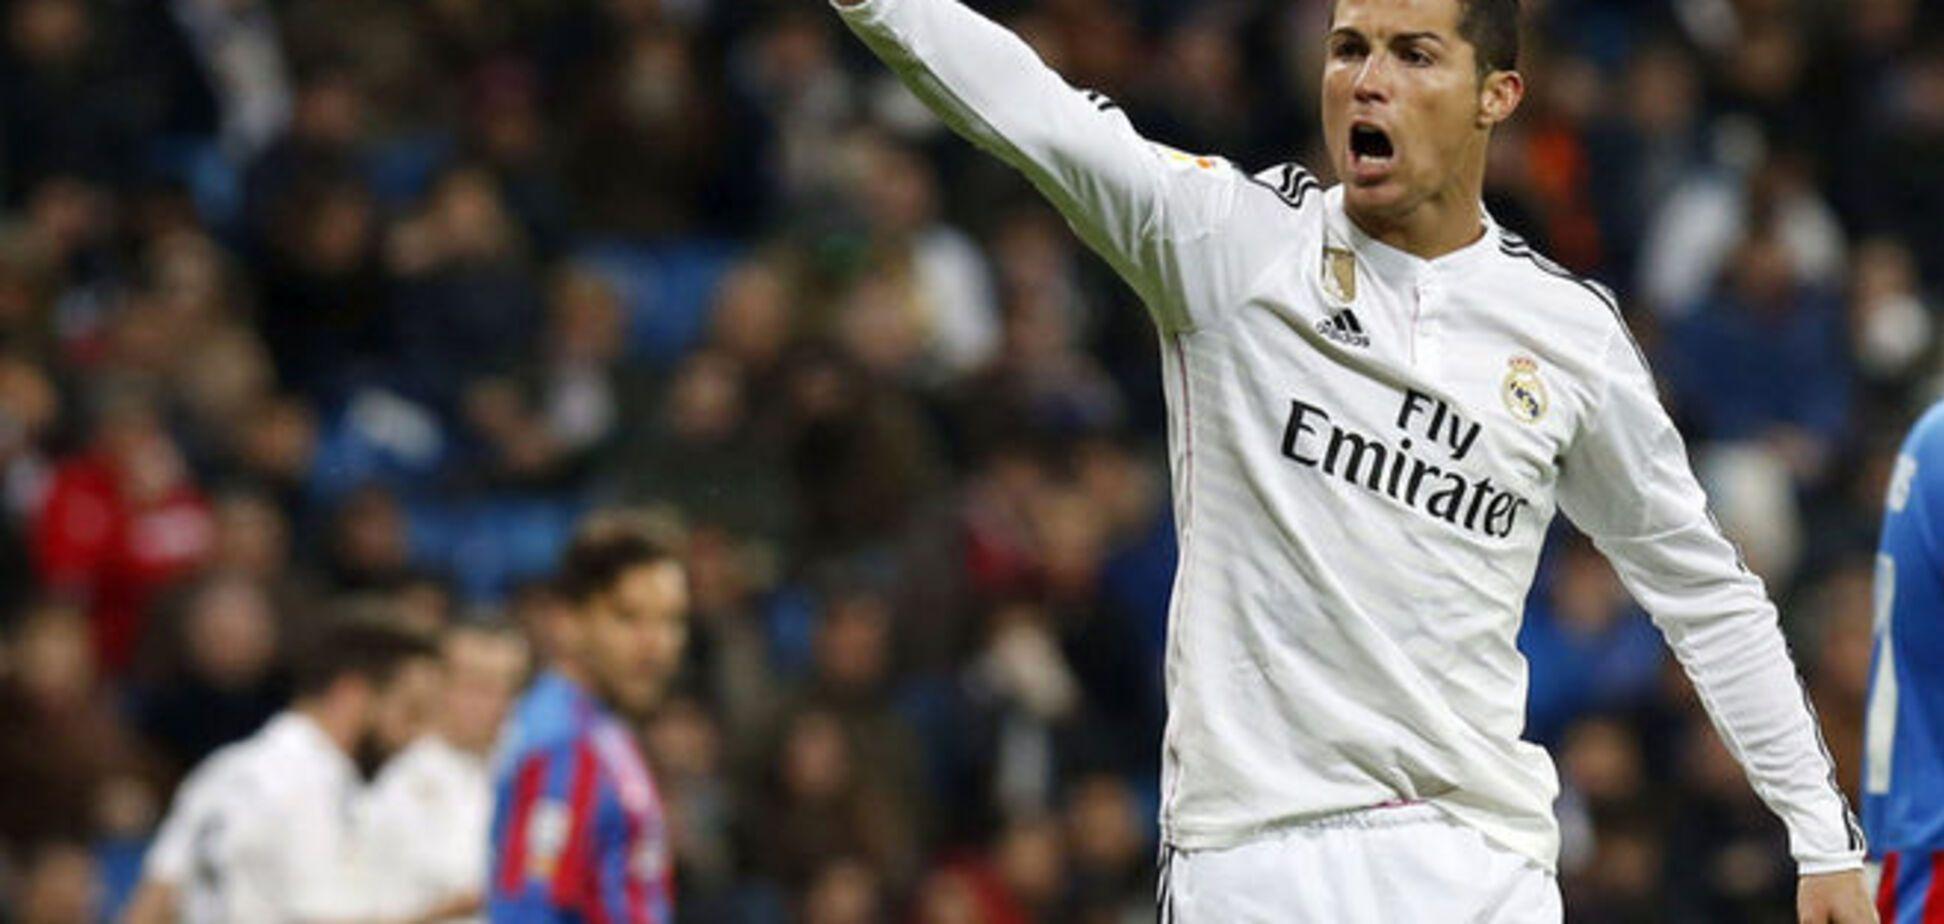 Роналду считает, что в 'Реале' все 'наложили в штаны' в битве с 'Барселоной'